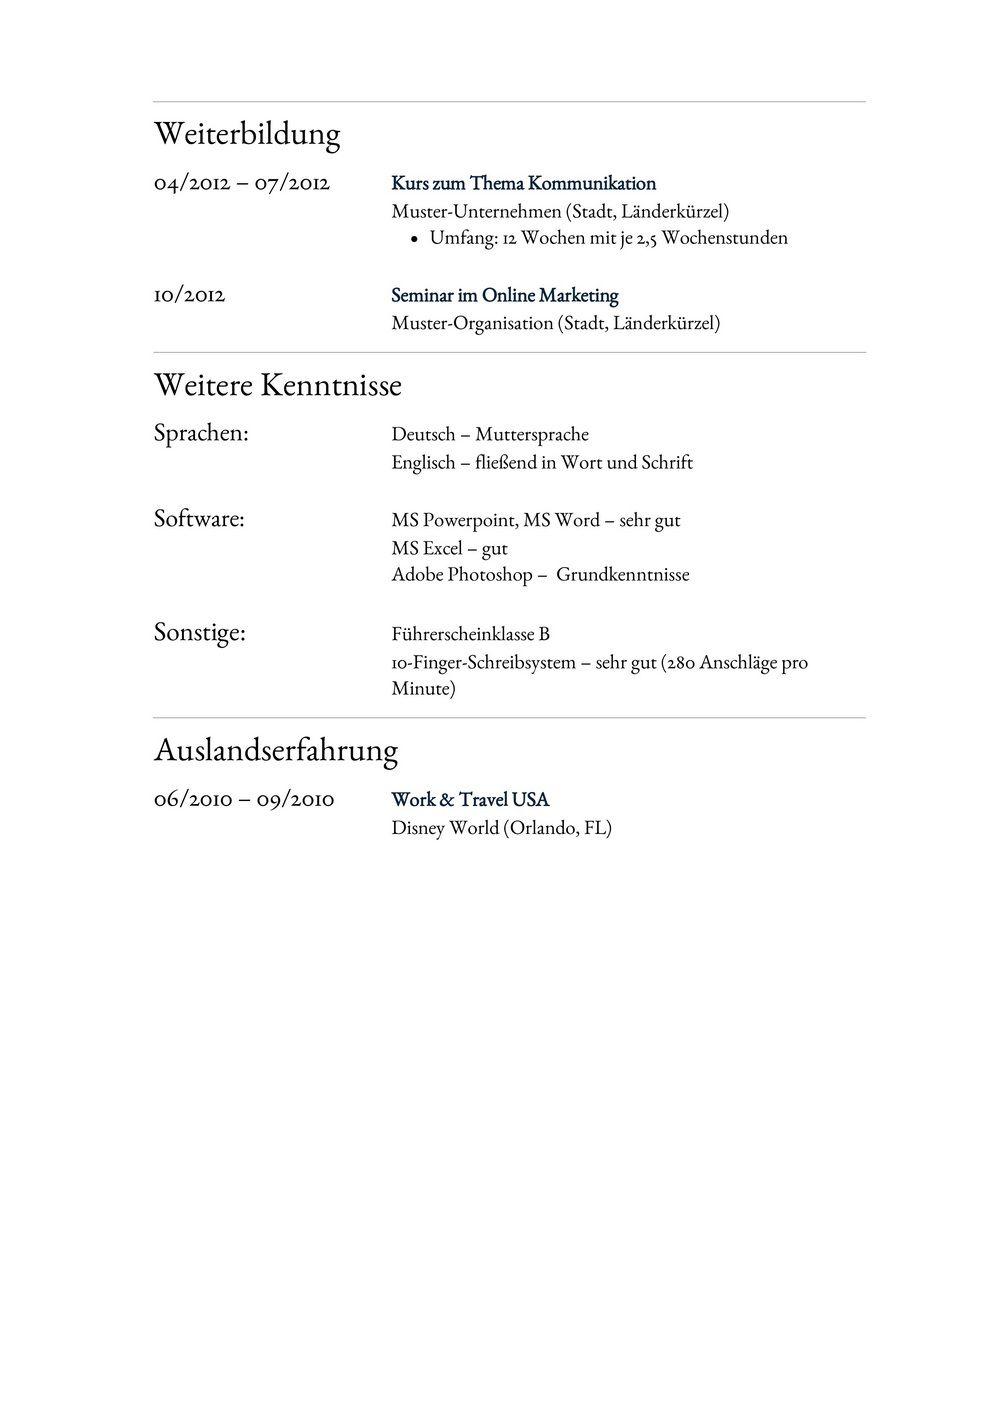 Lebenslauf Muster für Anwaltsgehilfe | Lebenslauf Designs